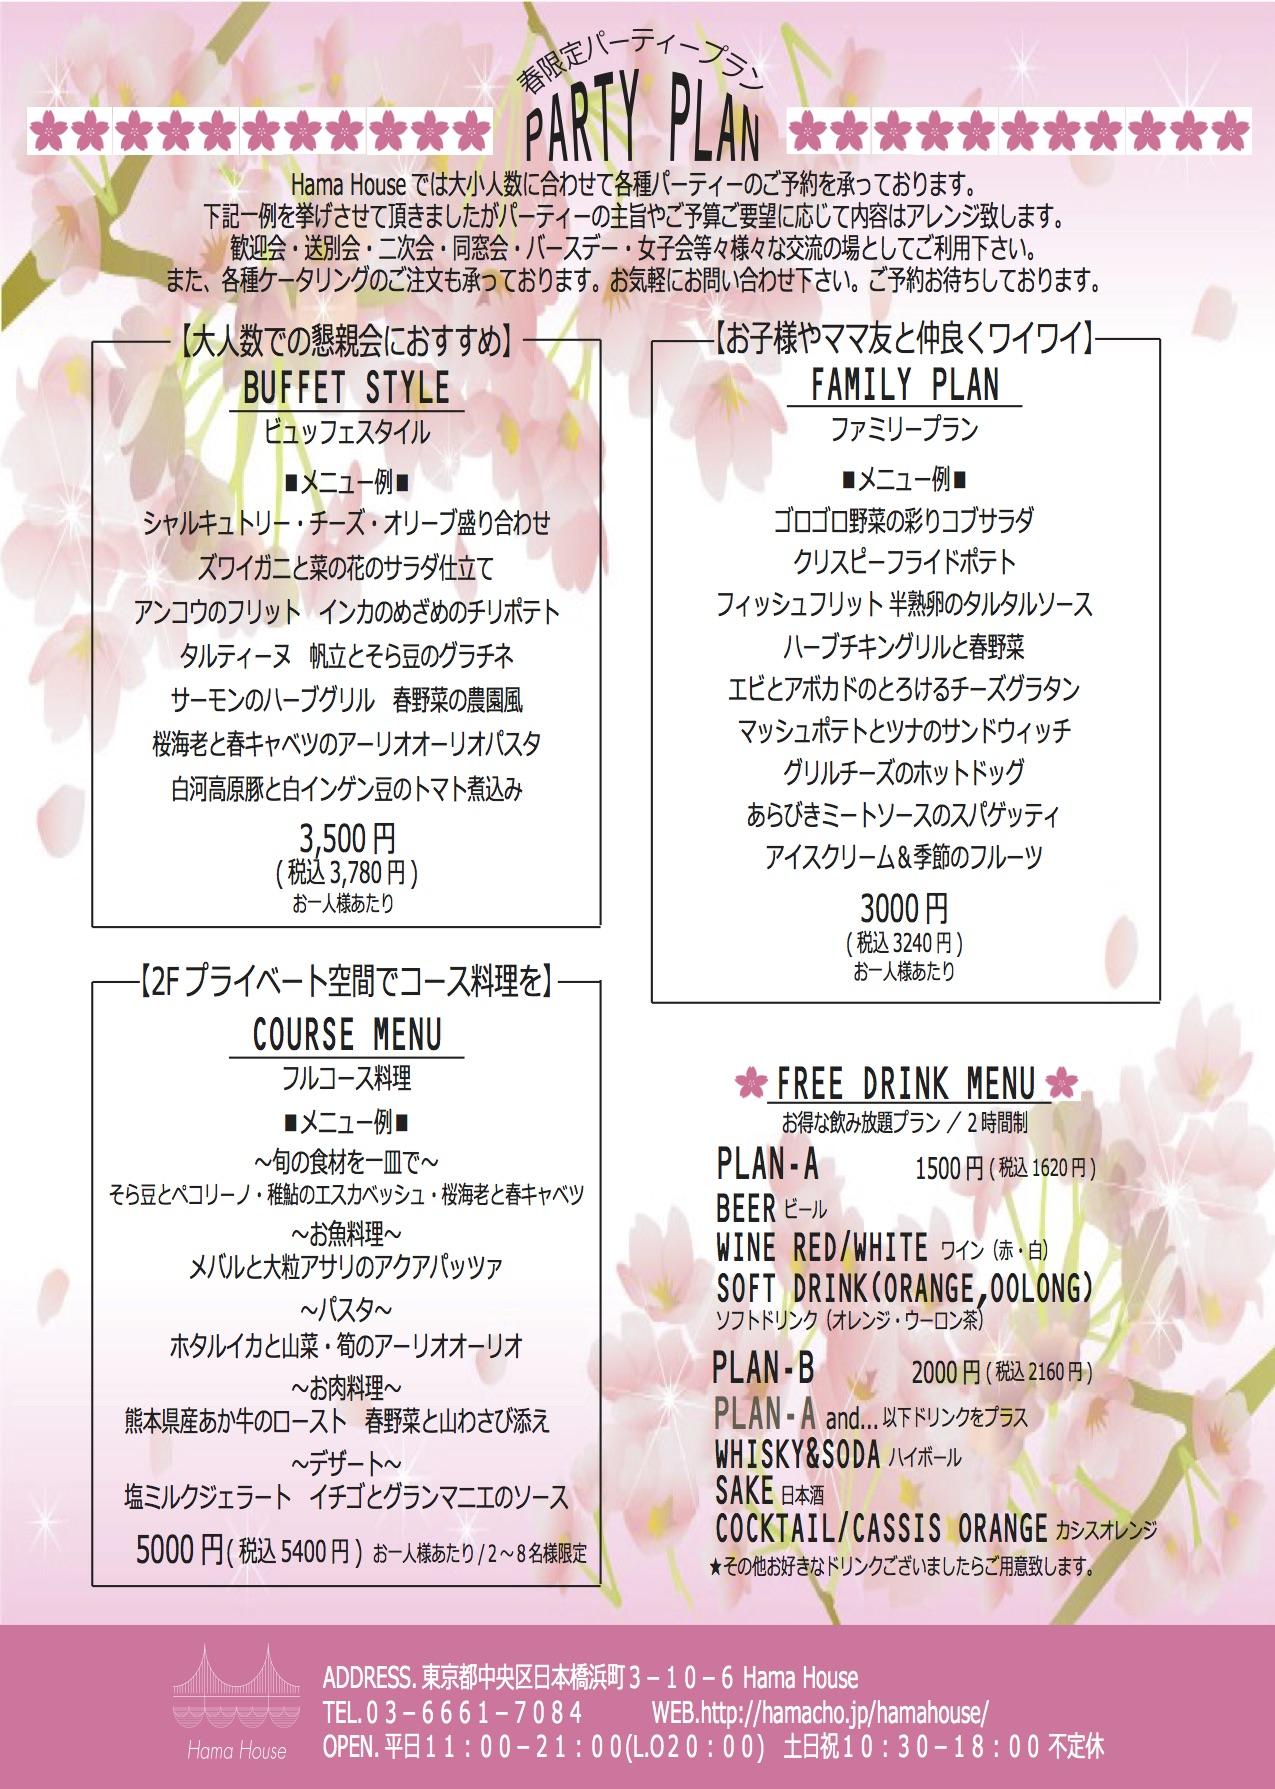 Hama House 春のパーティー&コースメニュー